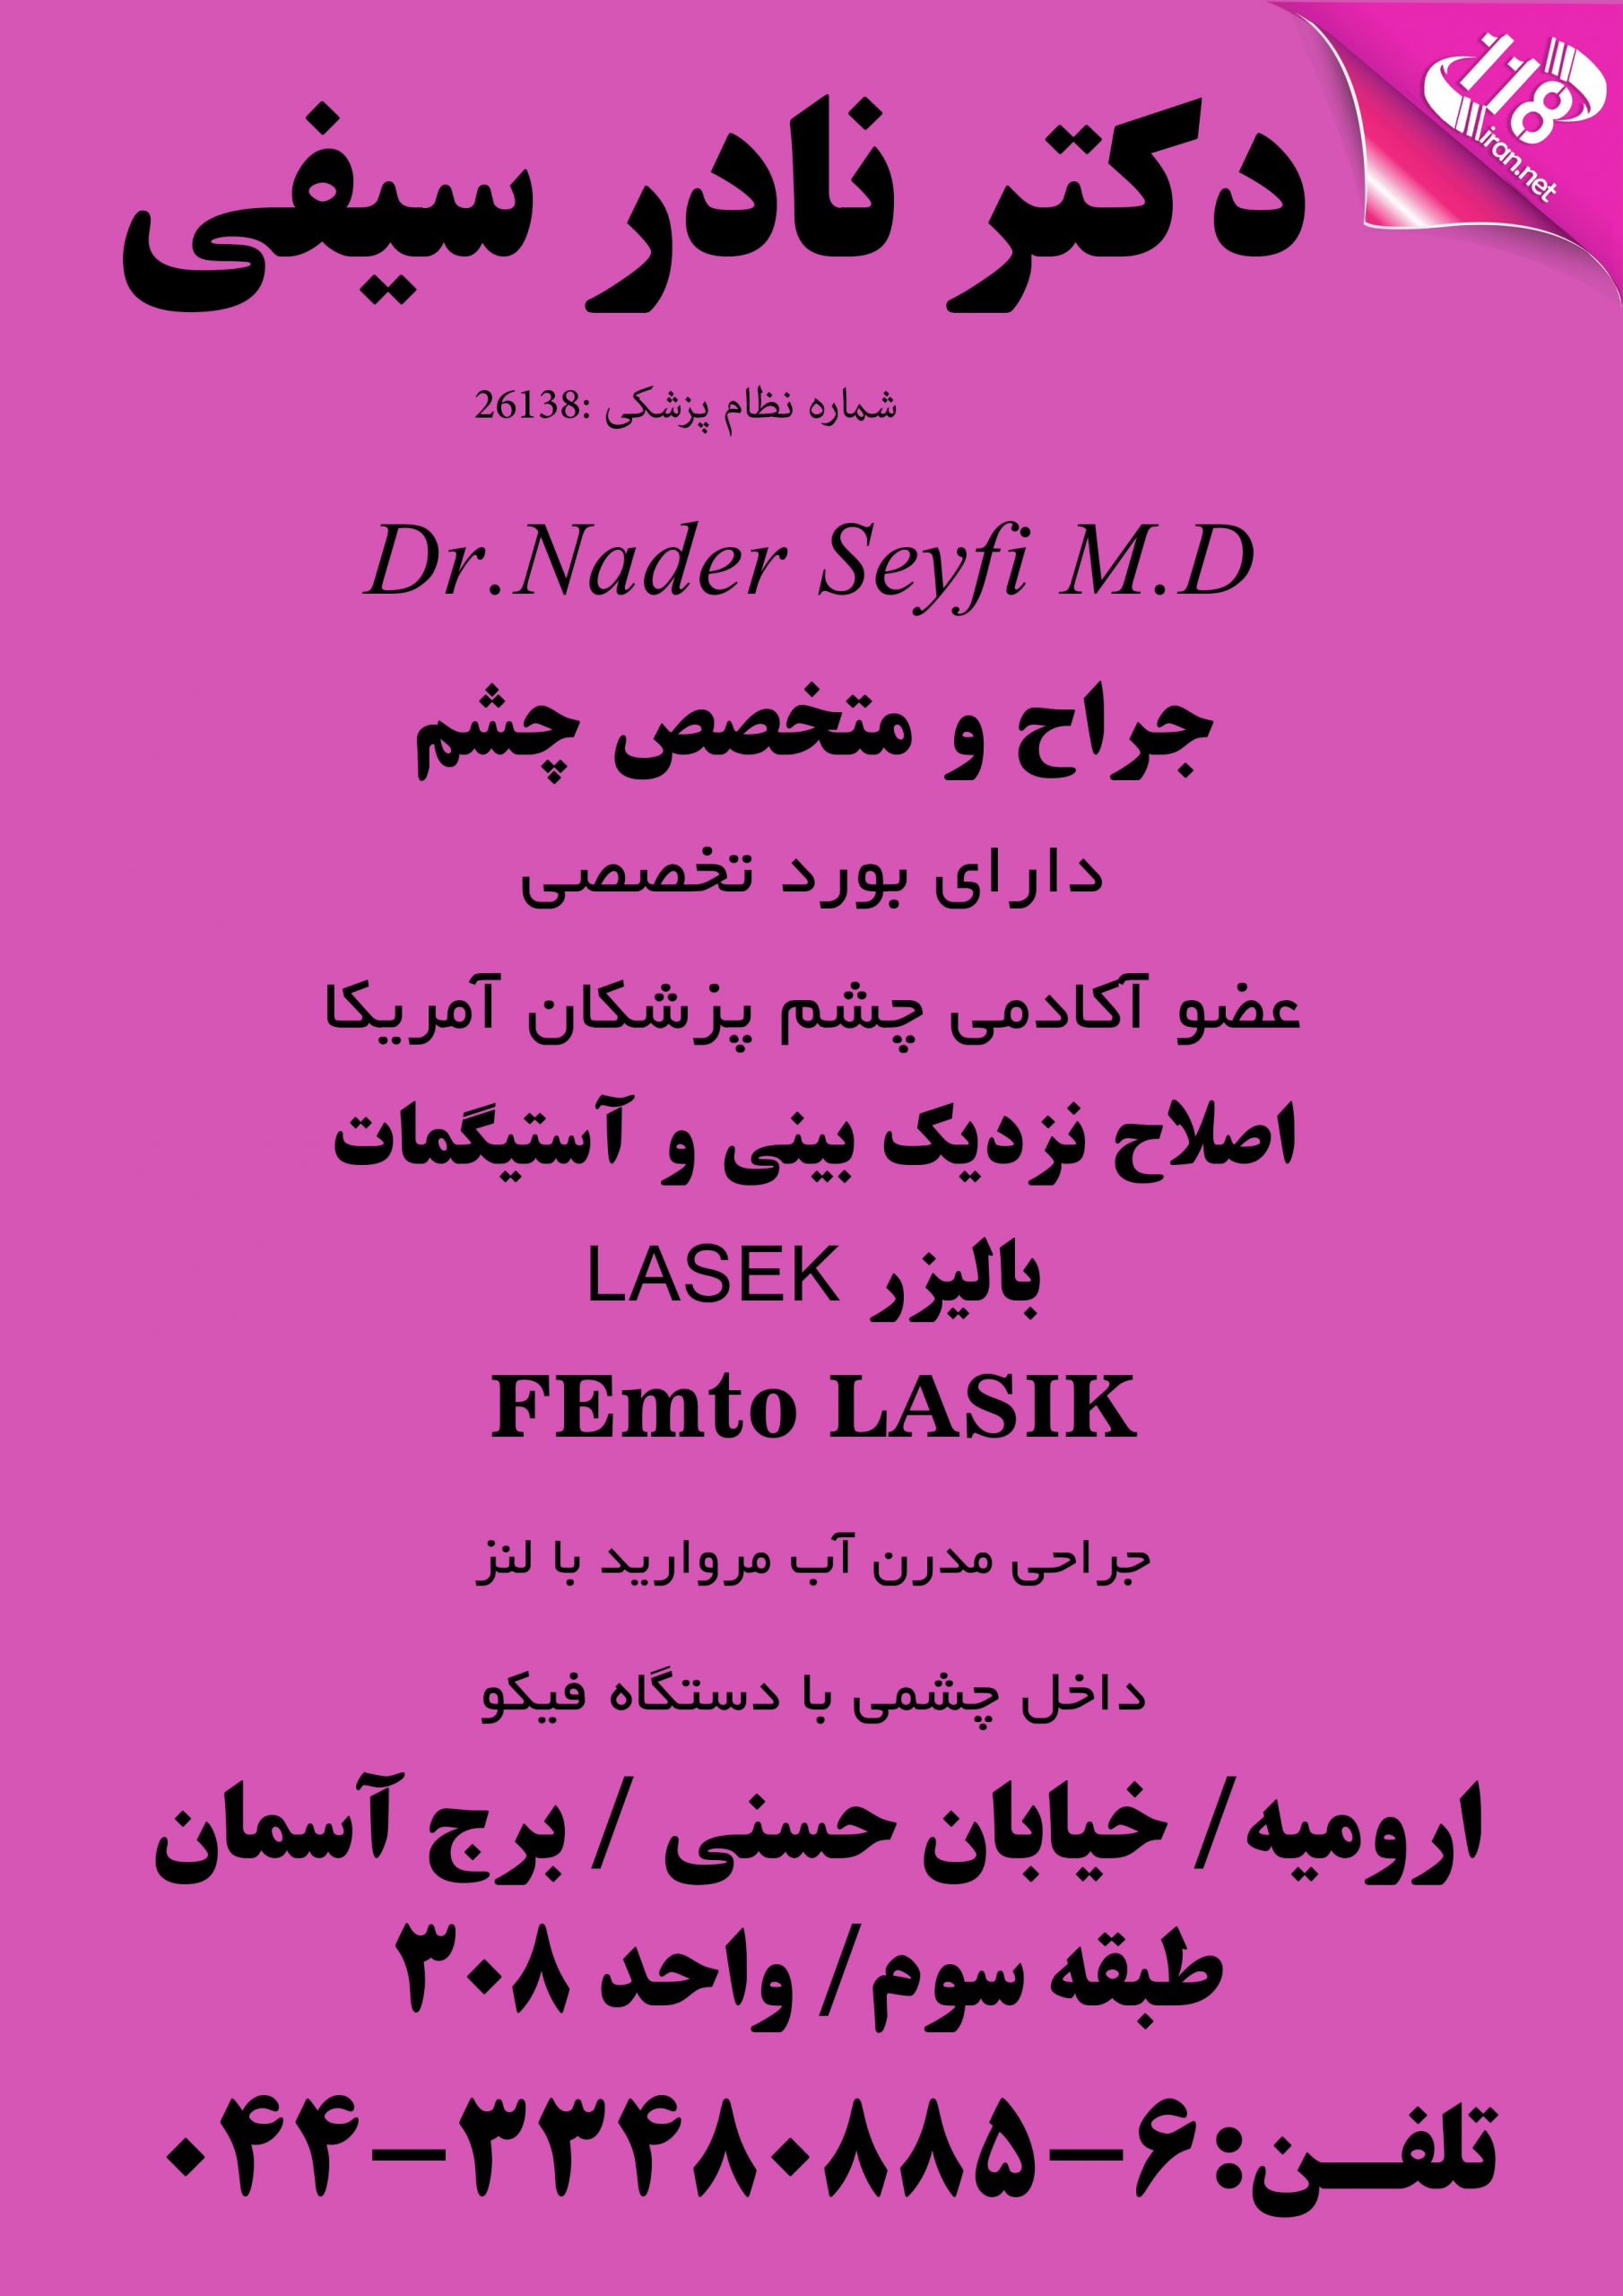 دکتر نادر سیفی